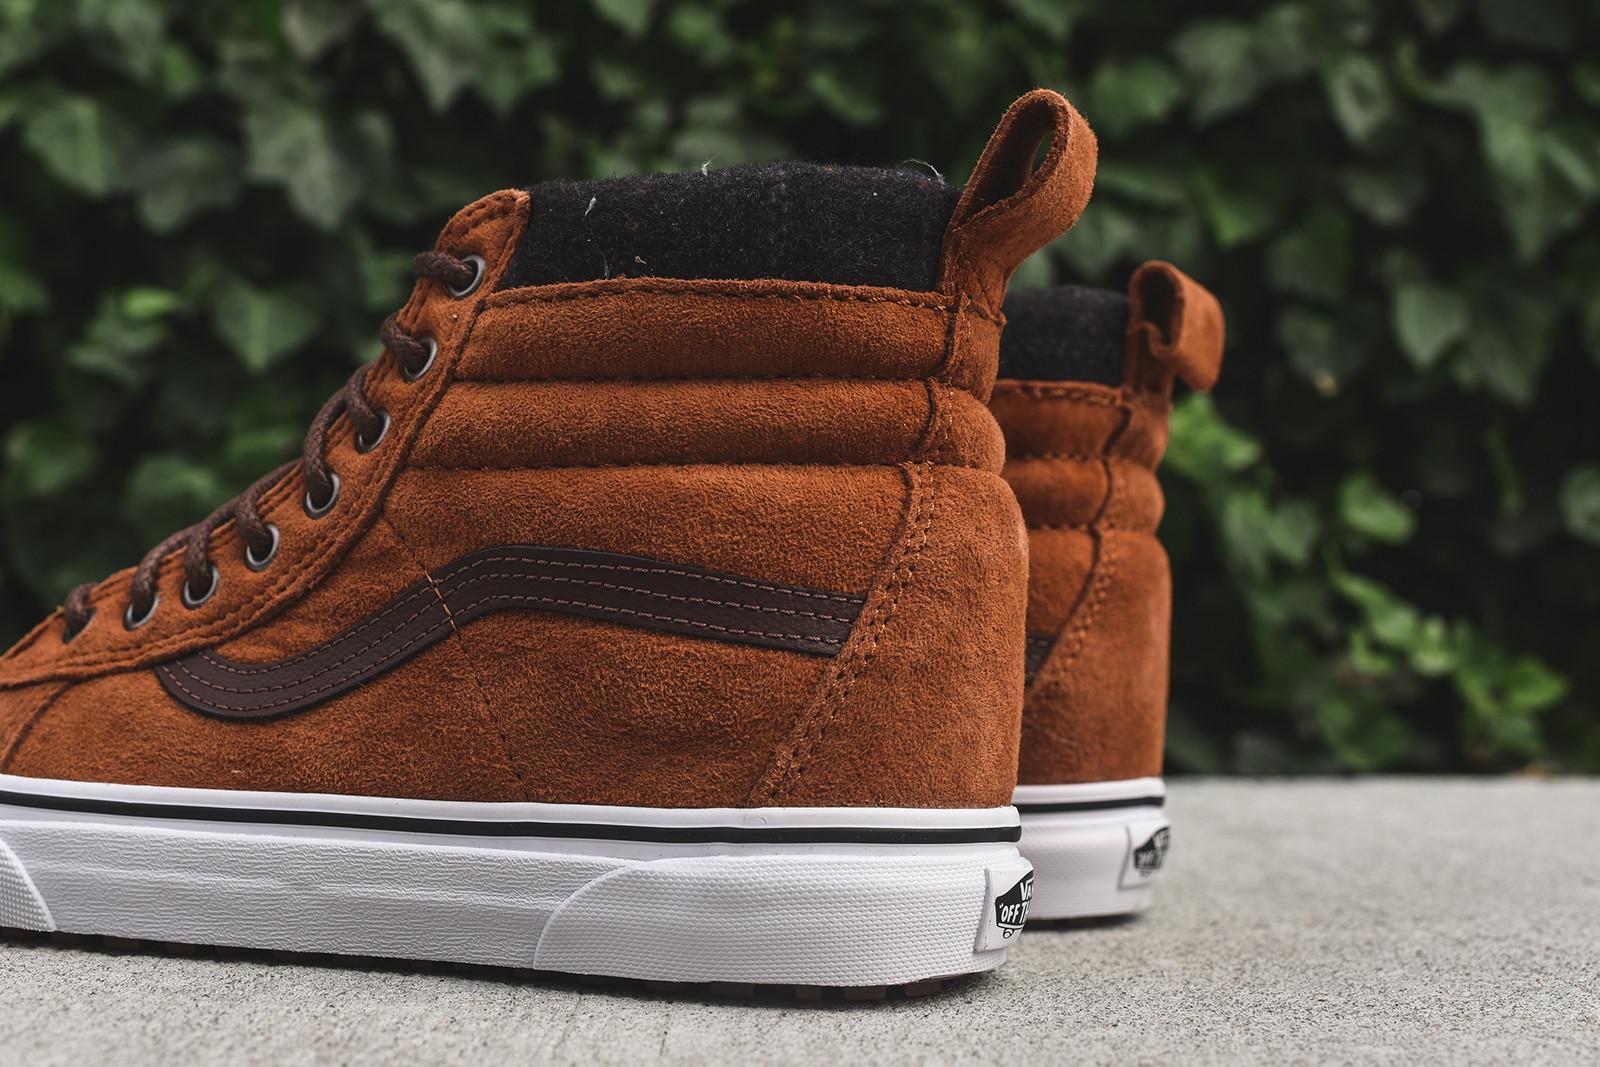 Vans Sk8-Hi MTE - deszkás cipő télra (26 990 Ft)